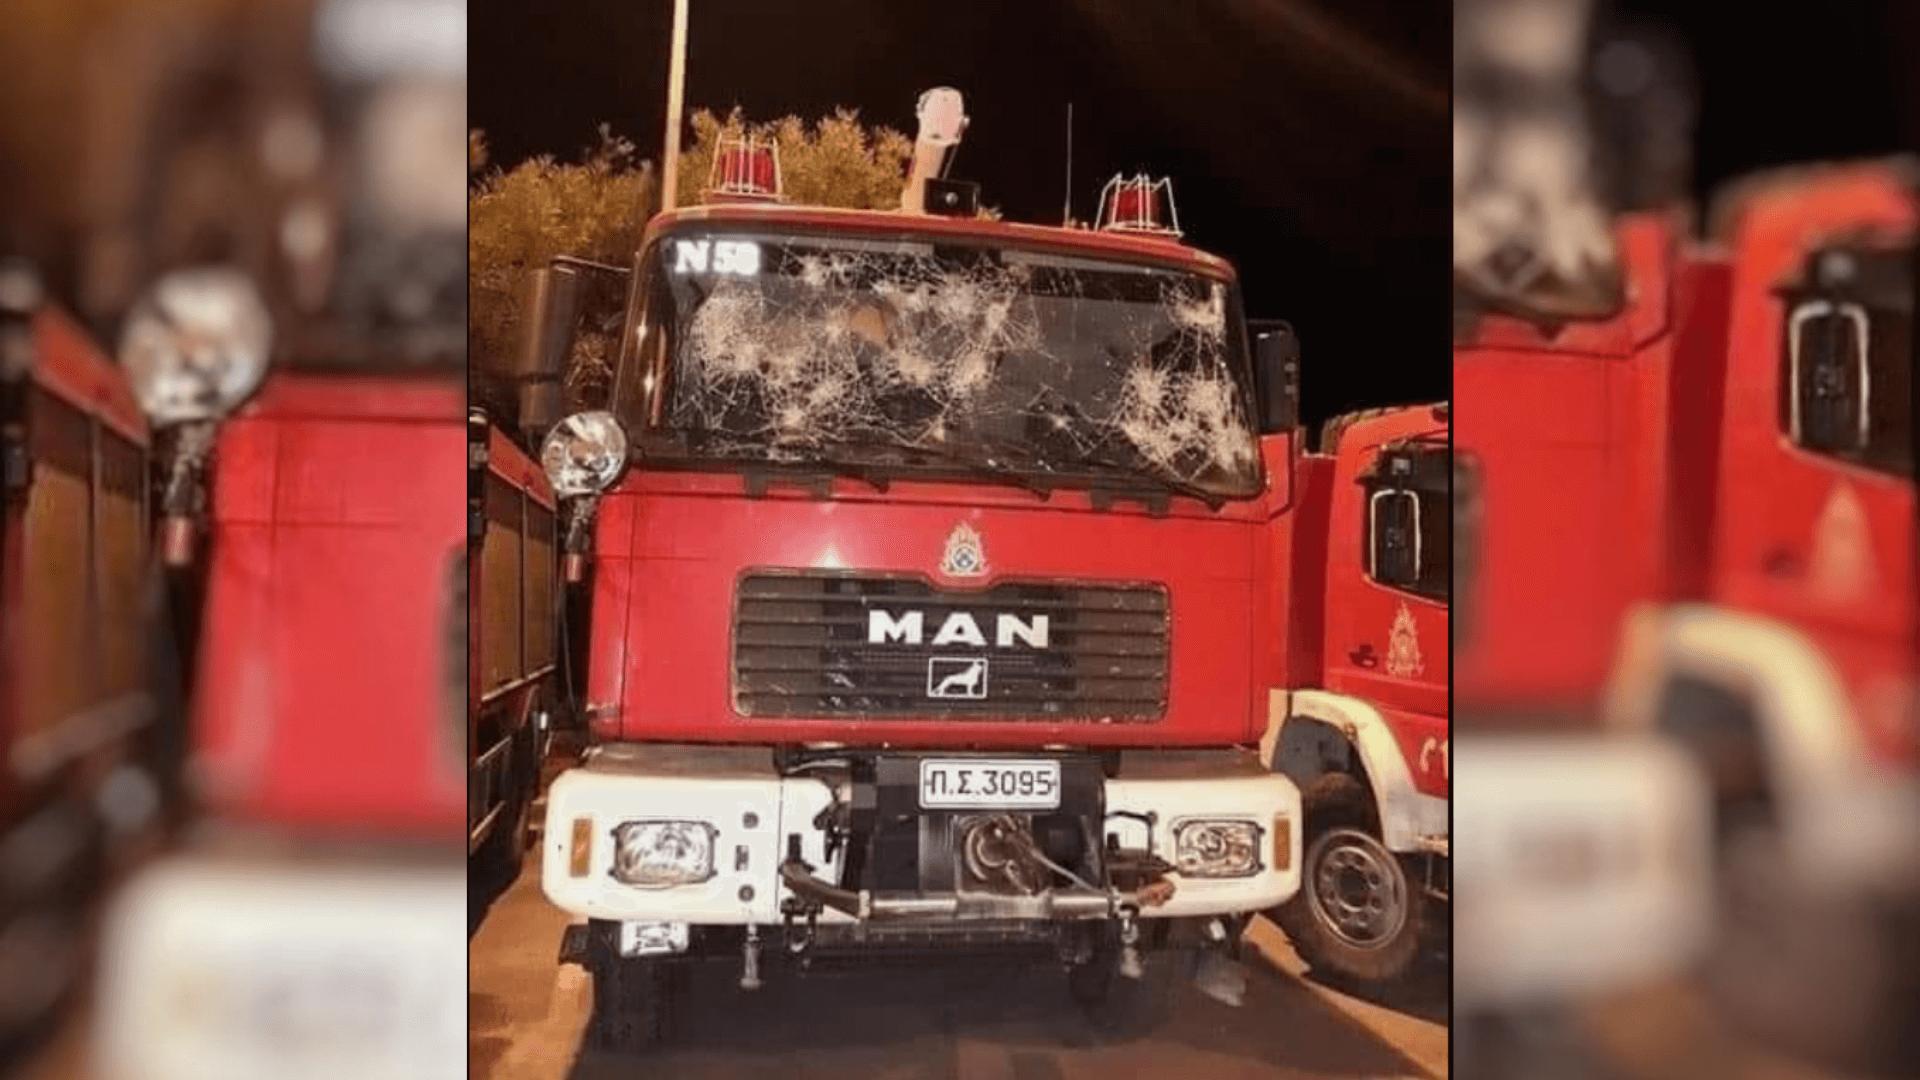 Moria: Nein, dieses Foto eines demolierten Feuerwehrautos ist nicht aktuell